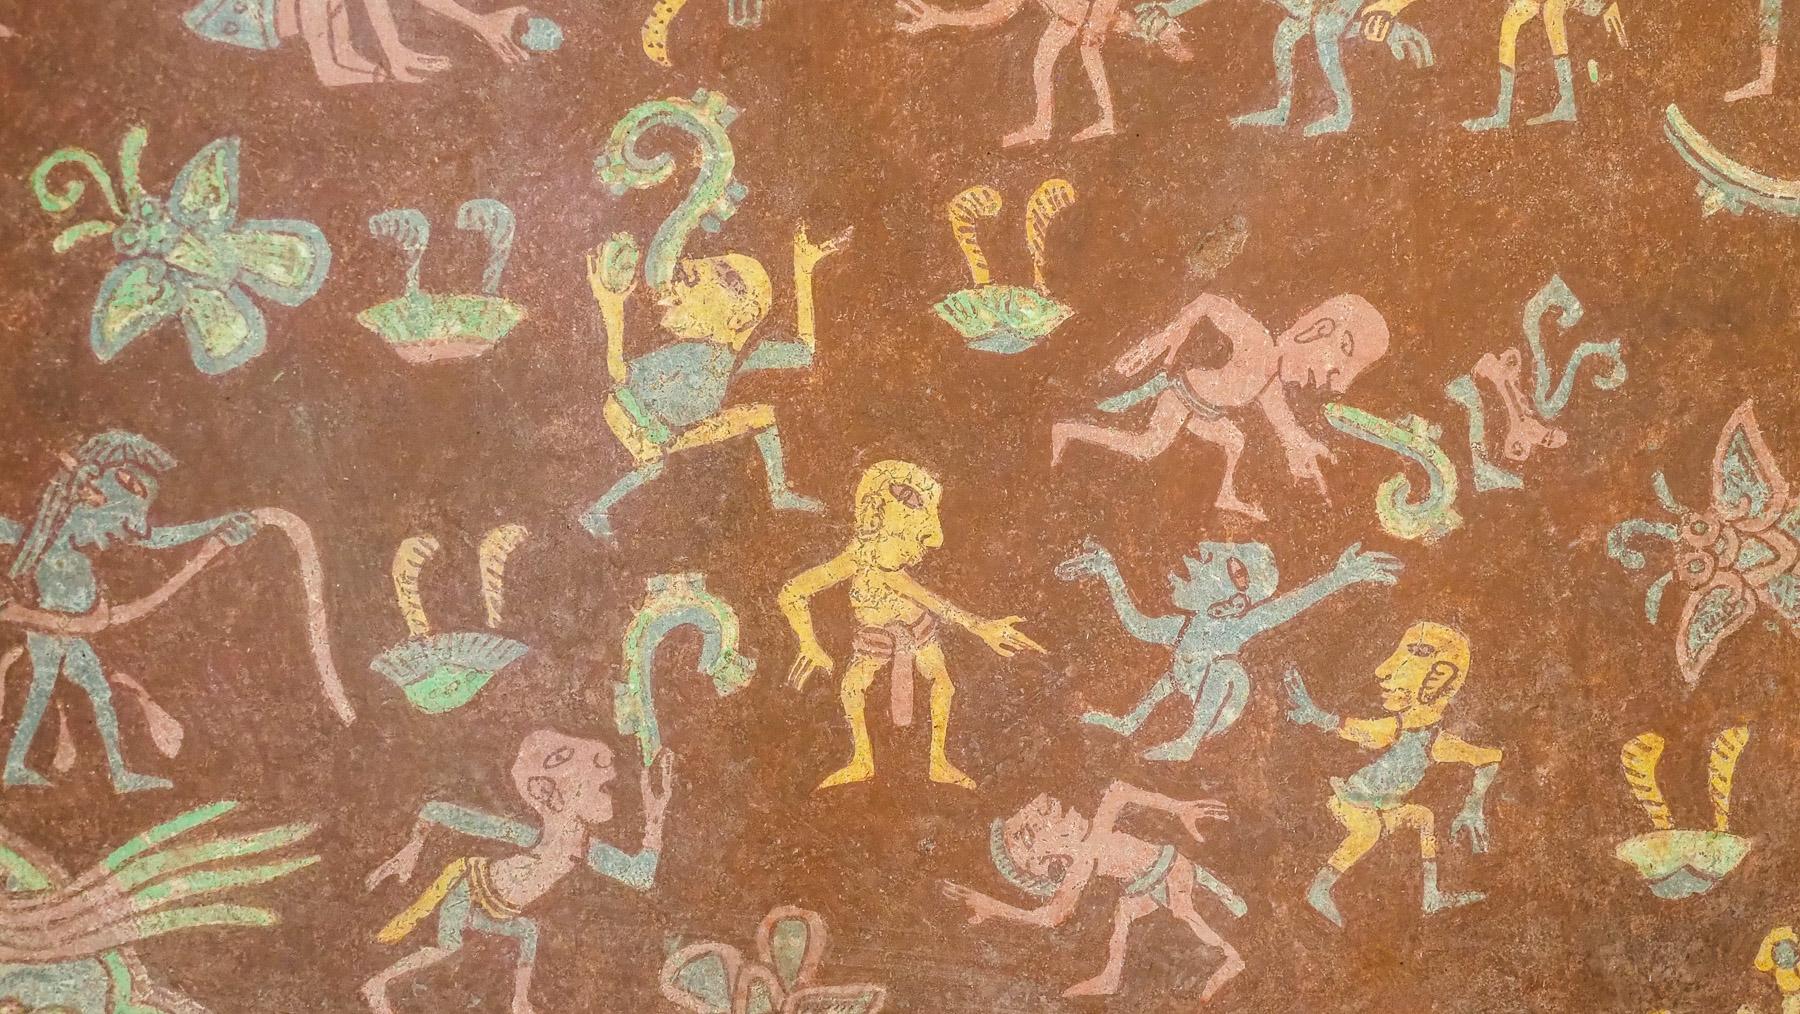 Wandermalerei in Teotihuacan: Darstellung vom Paradies